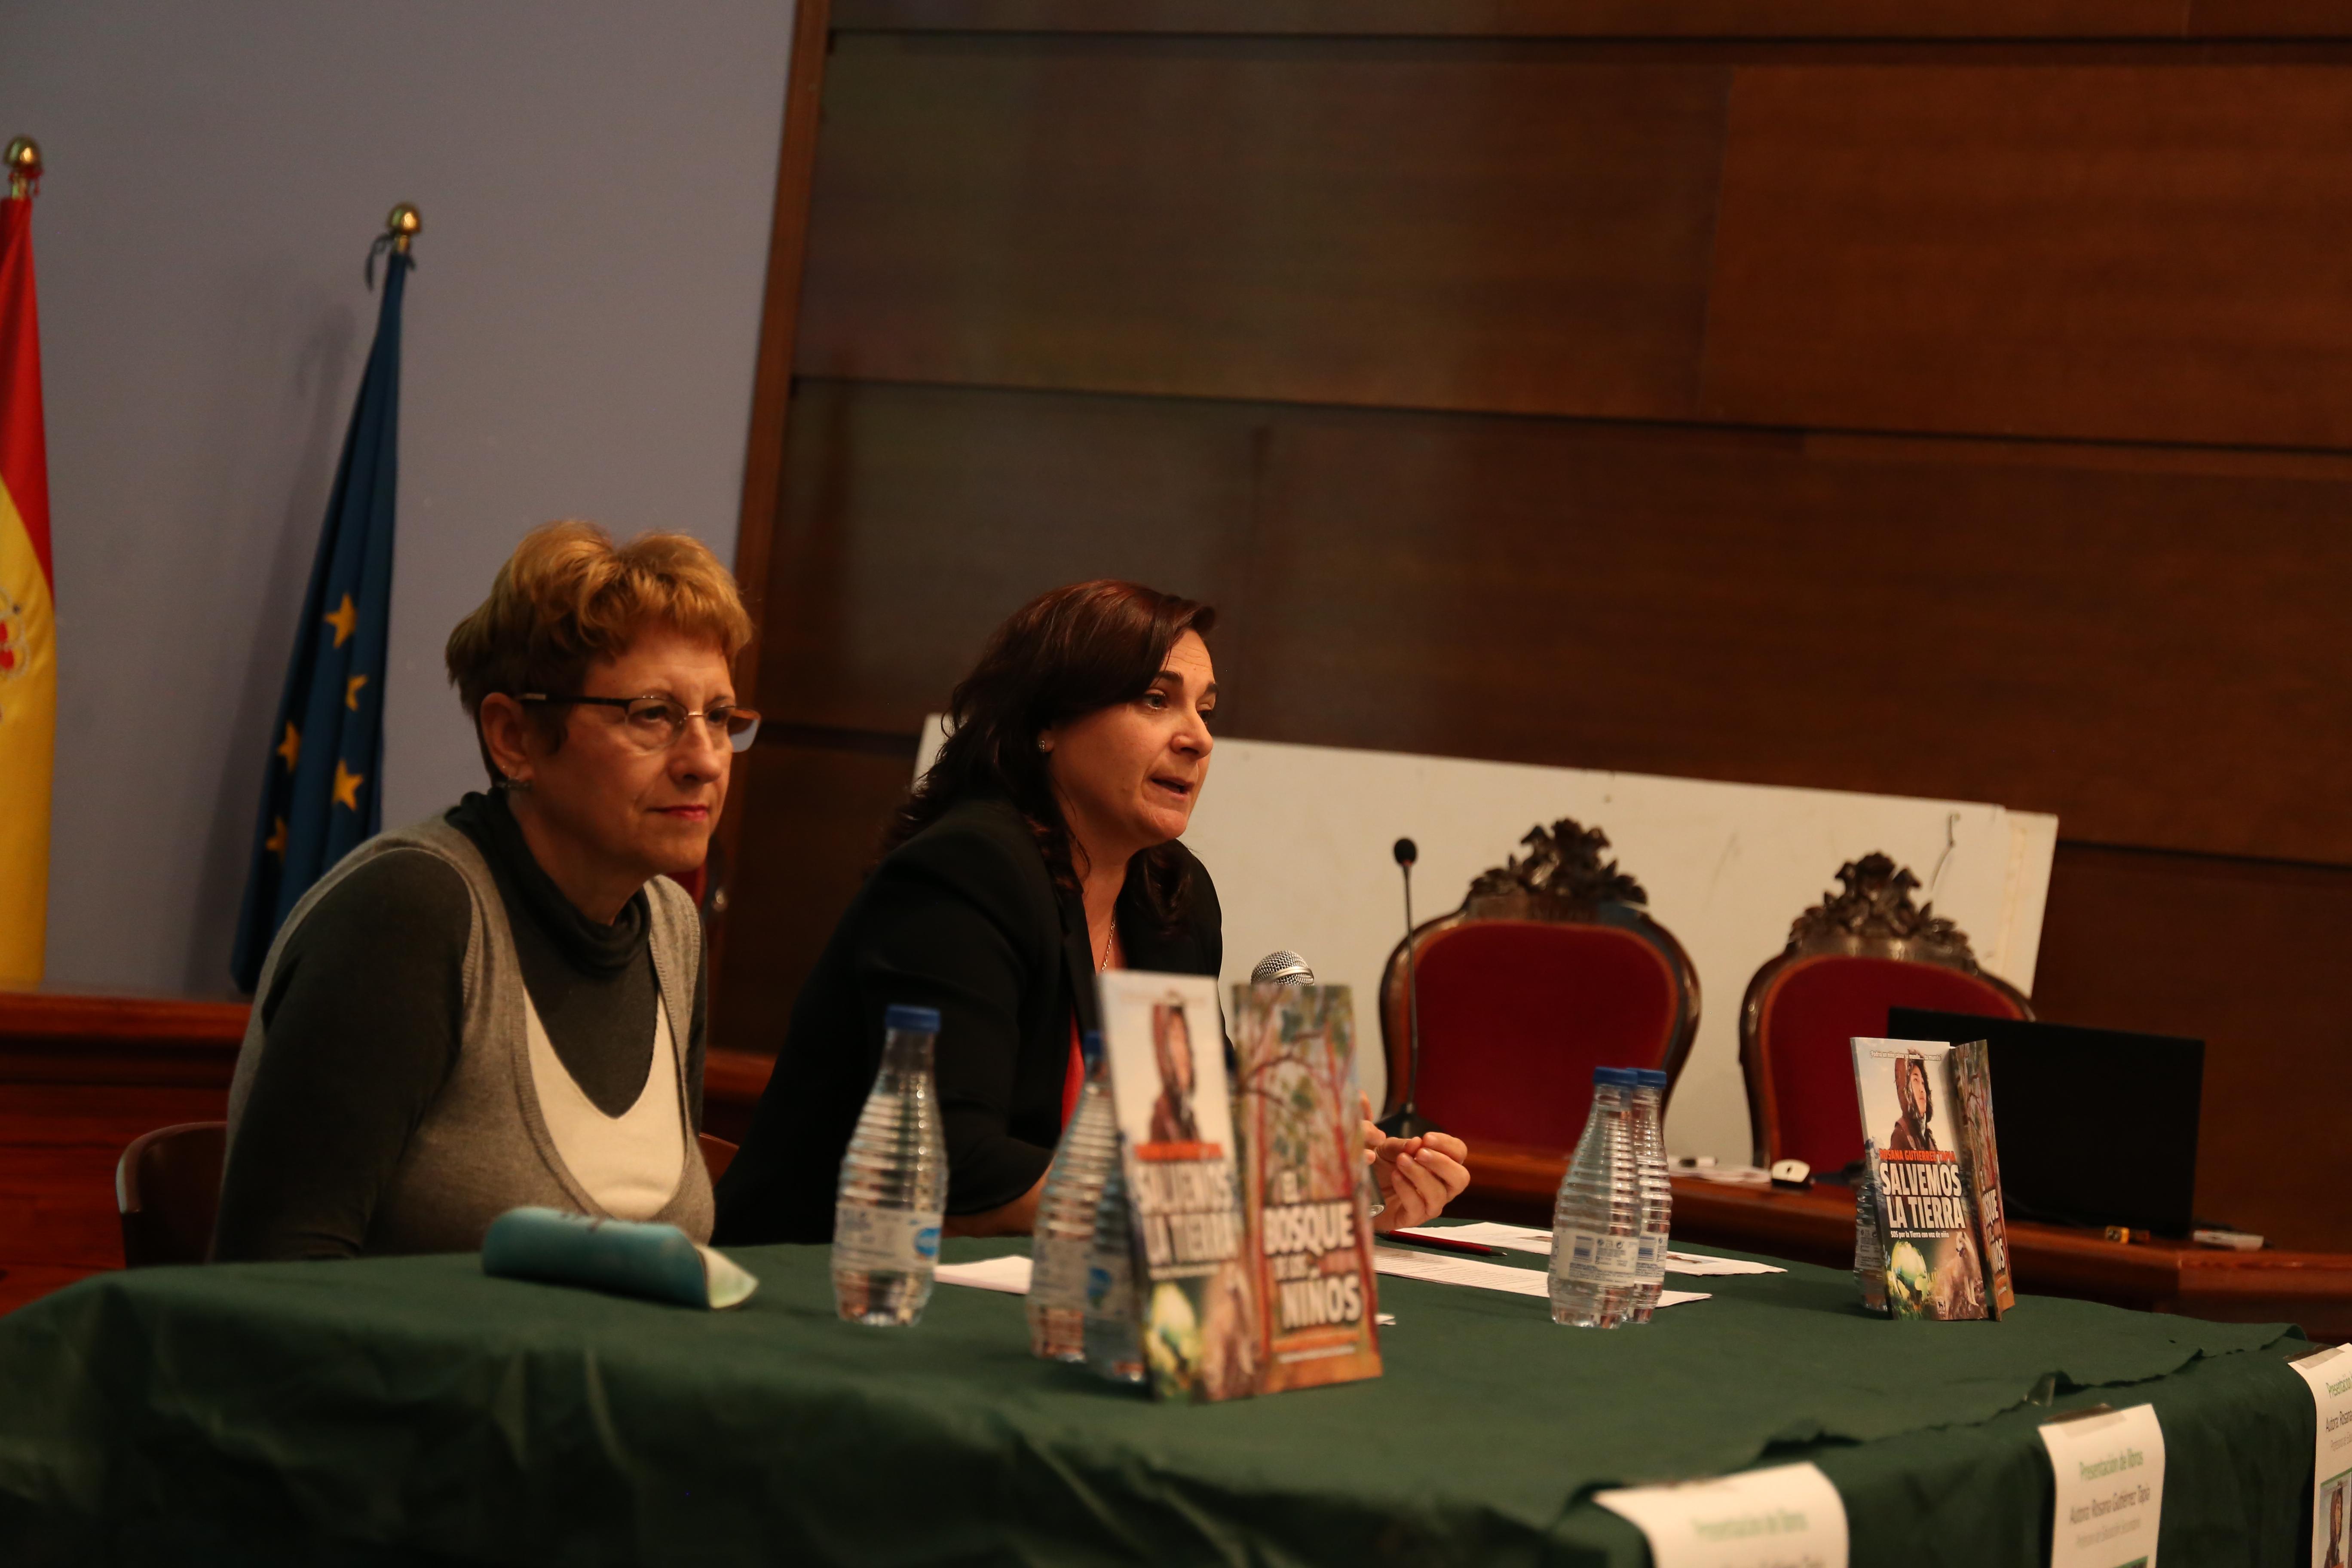 La escritora Rosana Gutiérrez Tapia junto a la concejala de cultura Mª Ángeles.